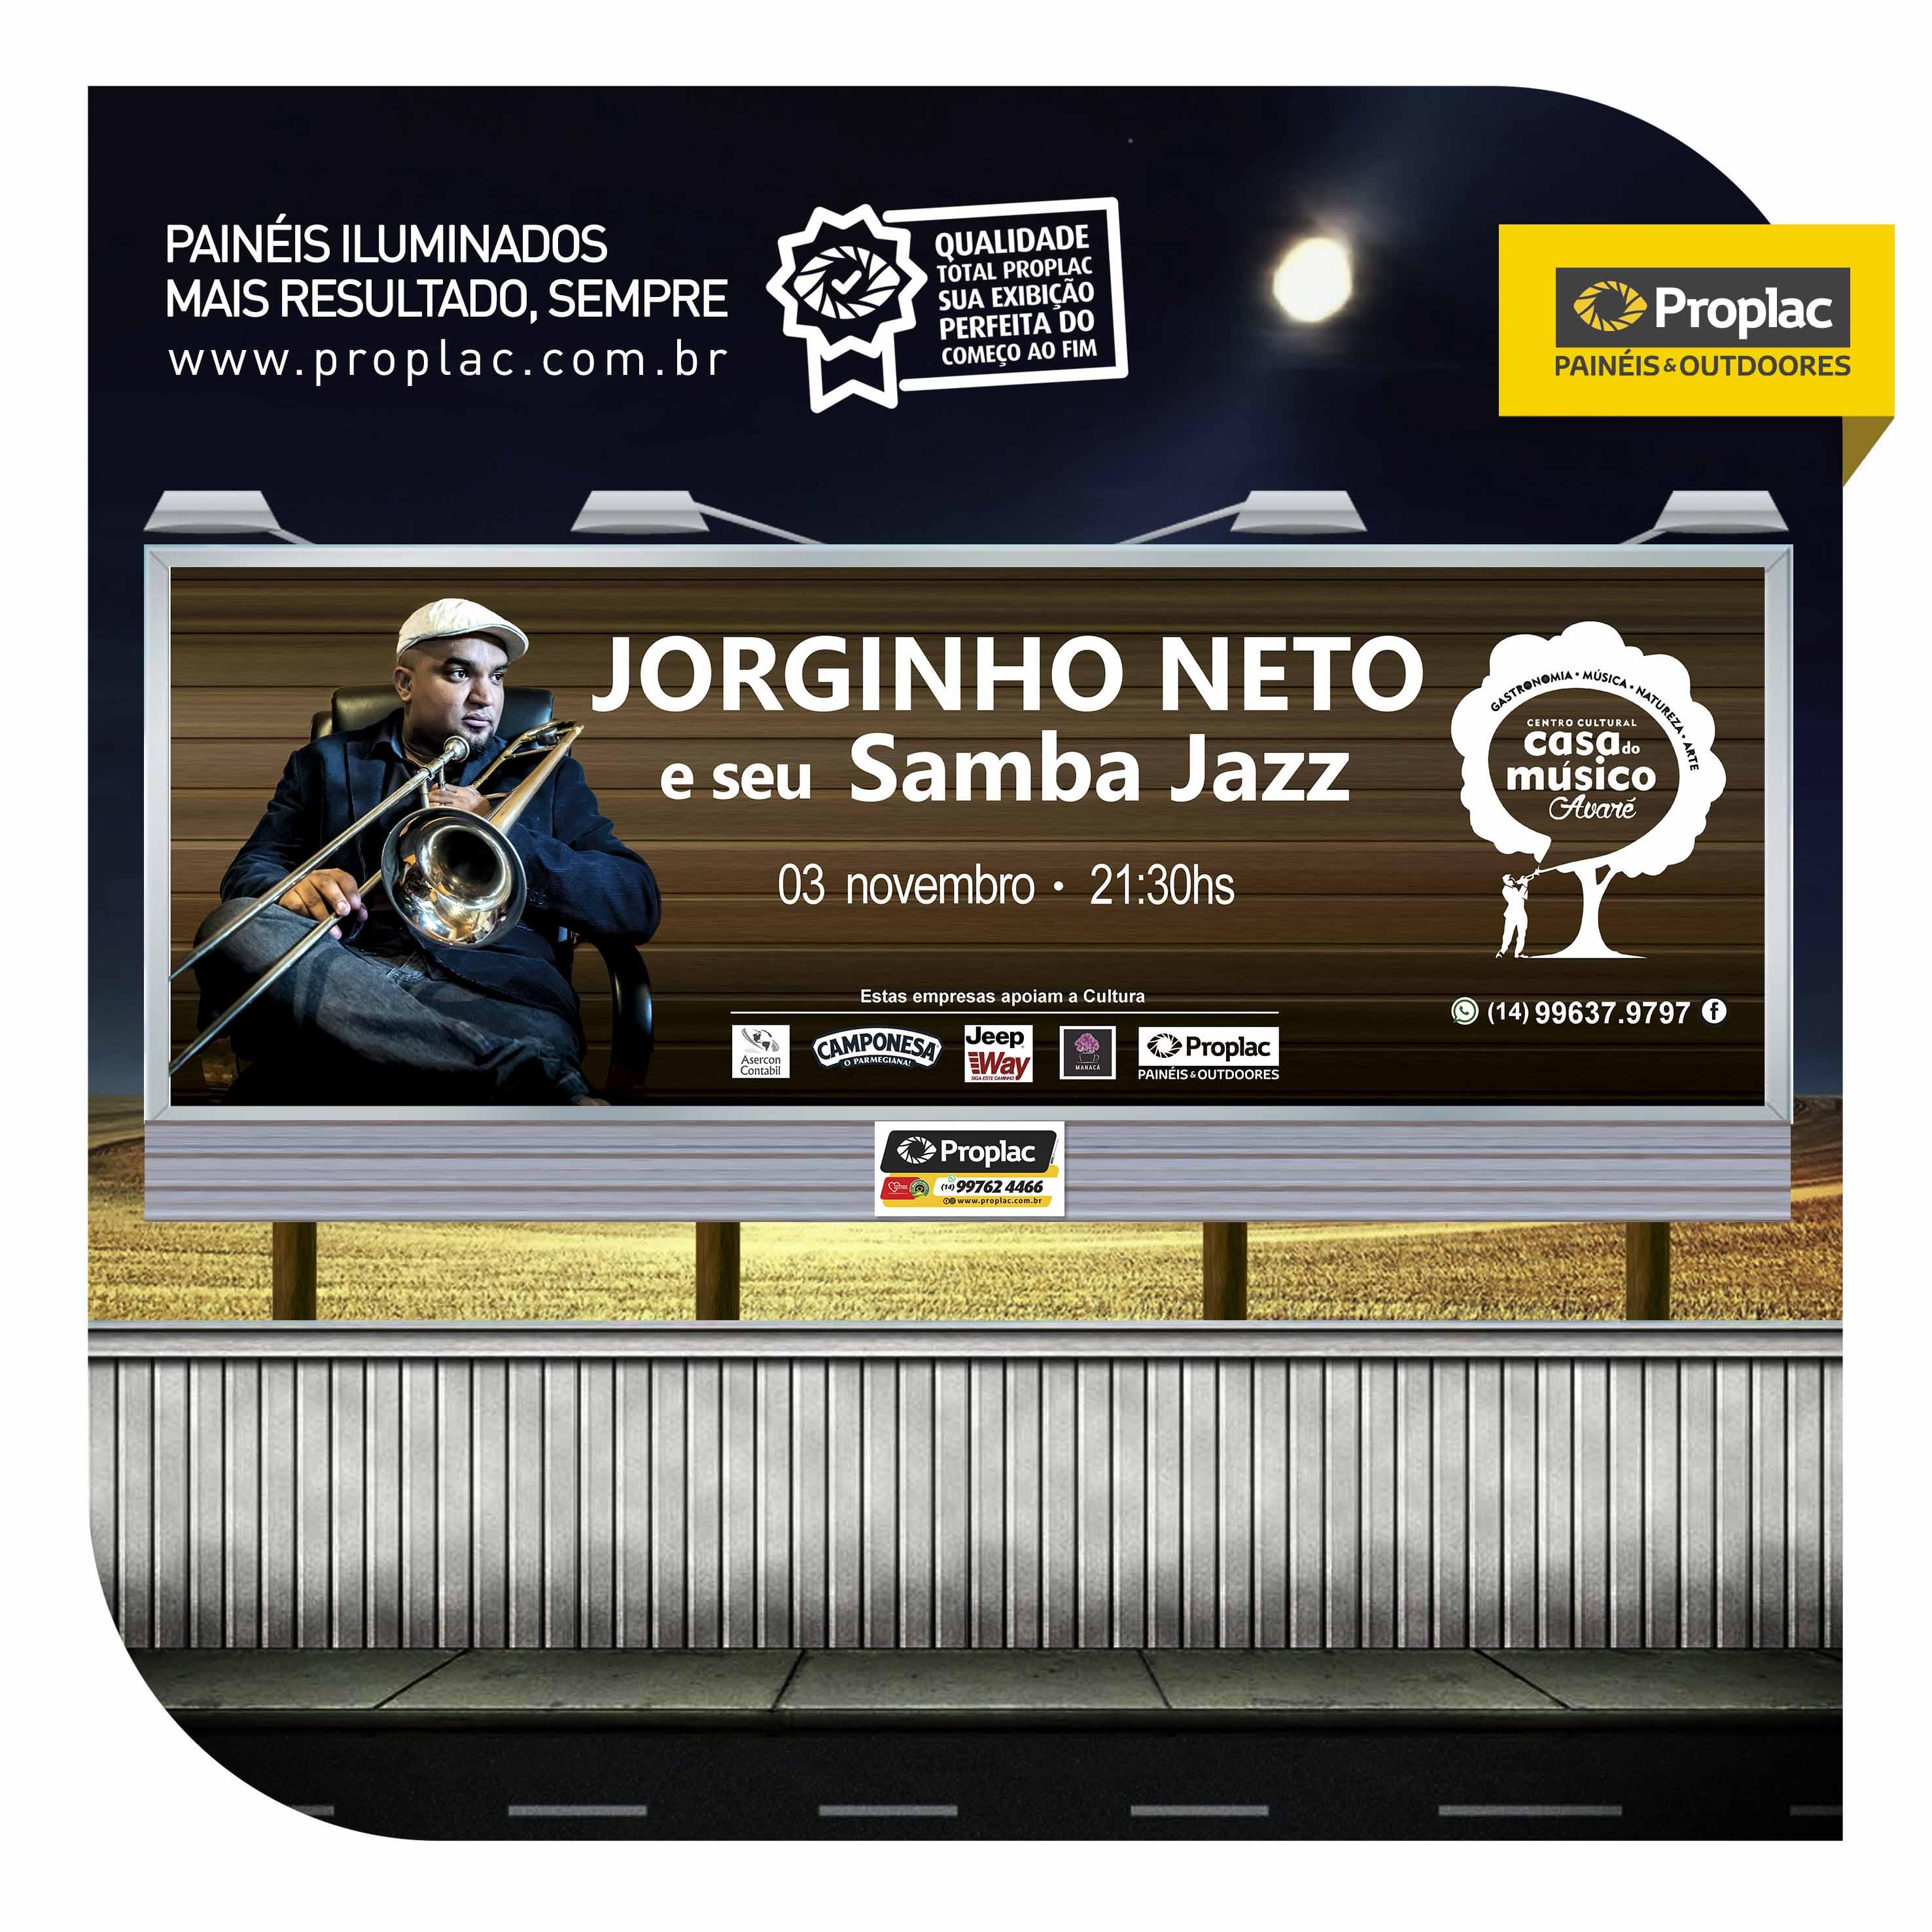 0adacb05fe6aa Apoio ao Centro Cultural Casa do Músico Avaré   Show de Jorginho Neto e seu  Samba Jazz